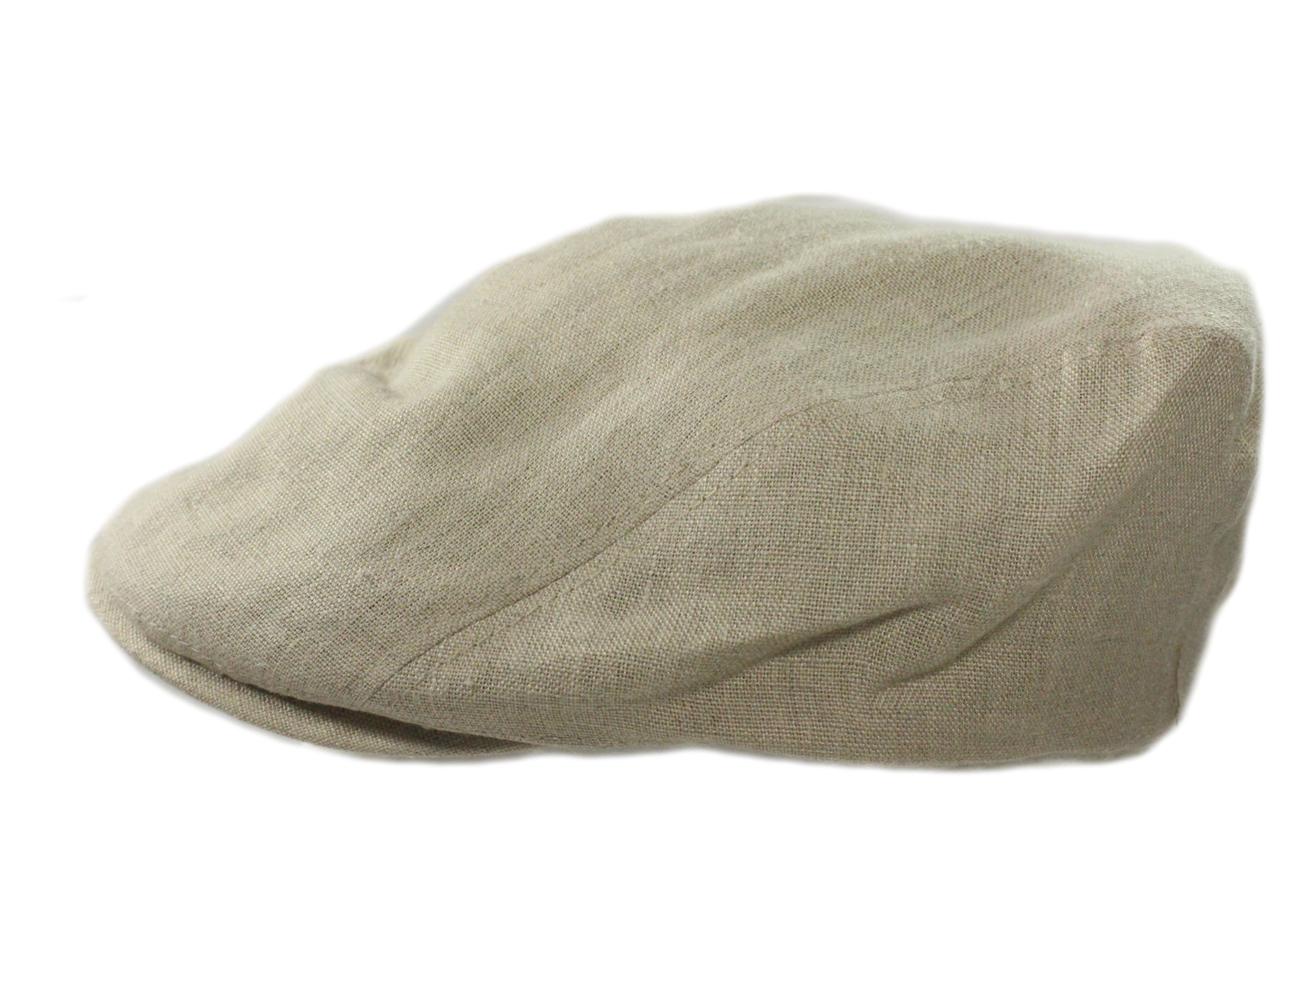 Mens Sun Hats Ebay - Parchment N Lead 39315f389f92